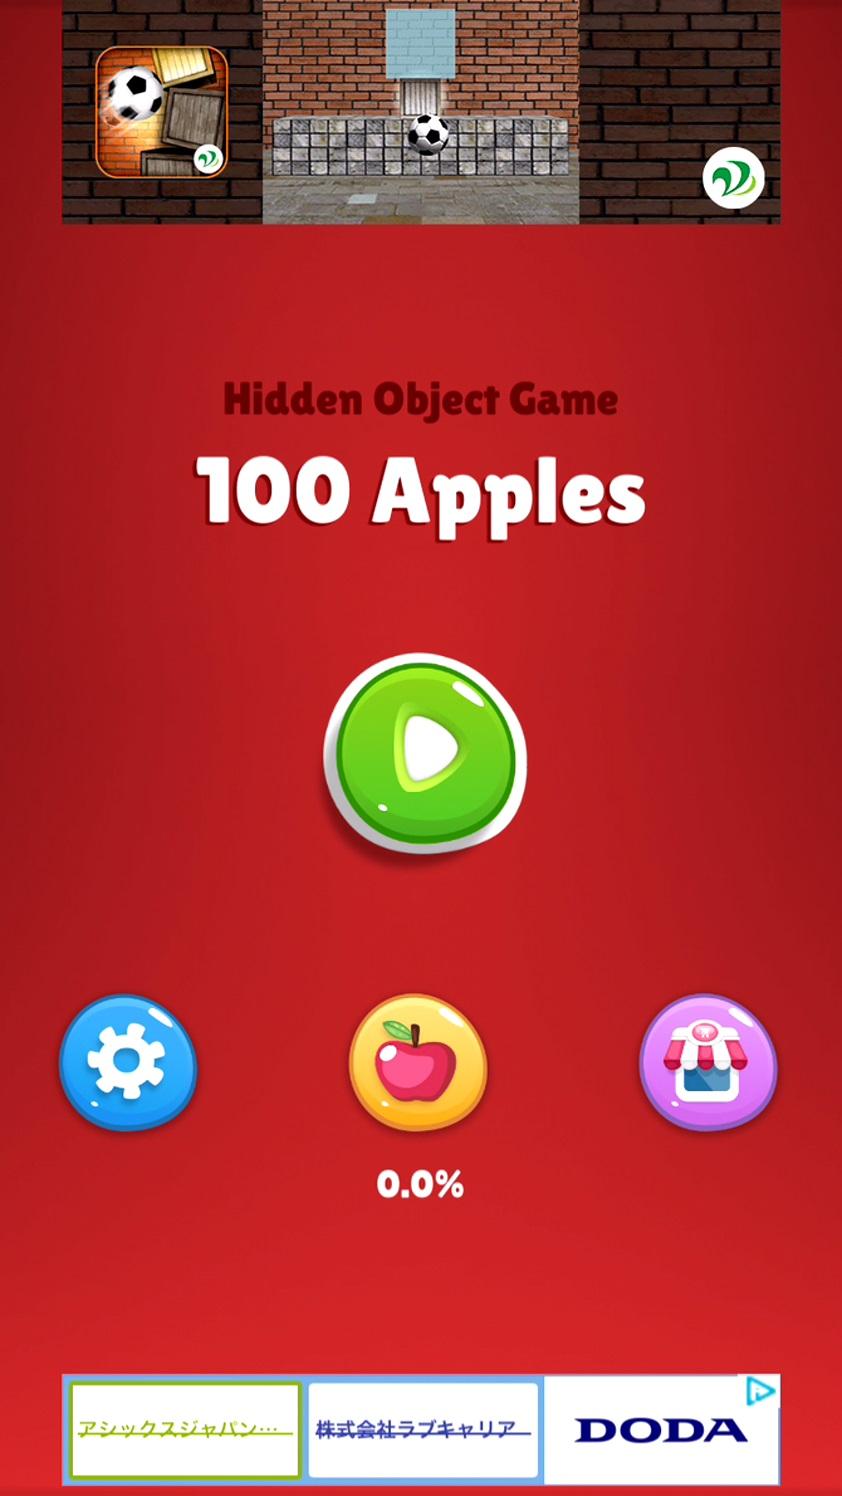 androidアプリ りんご100コ 探せ!攻略スクリーンショット1